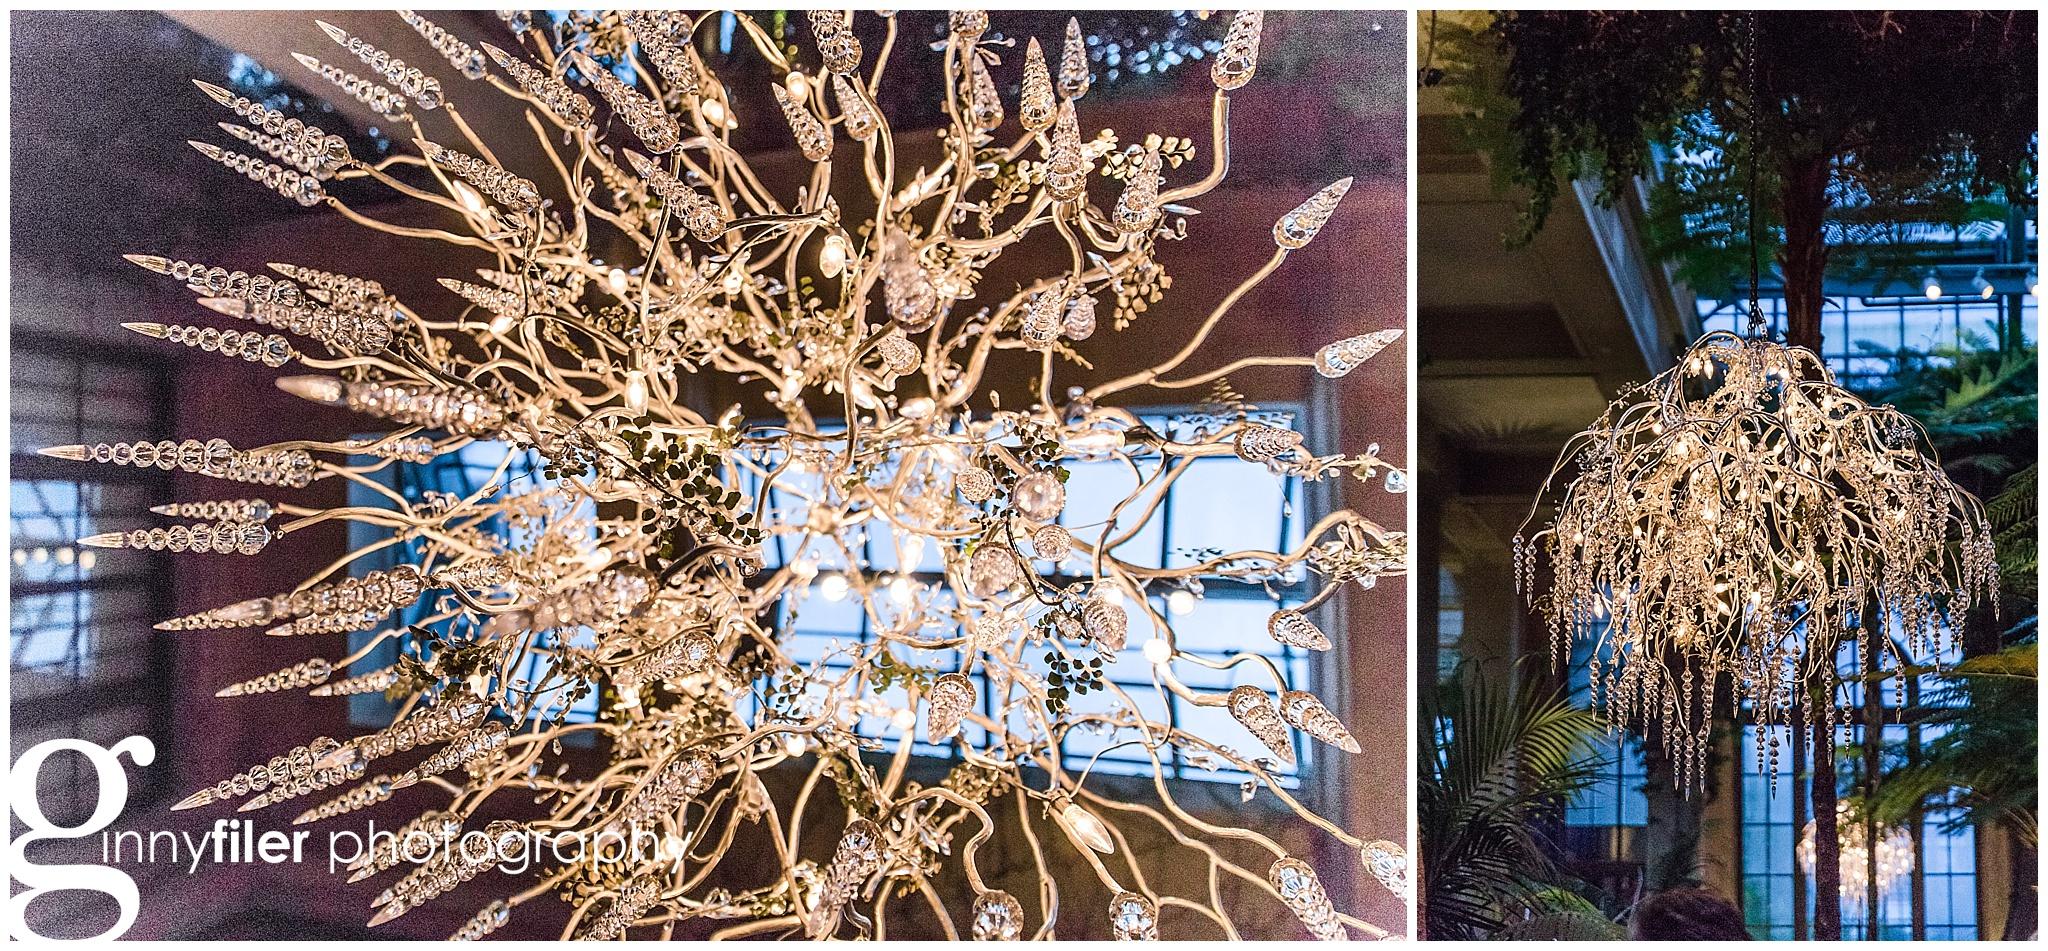 longwood_Christmas_0010.jpg